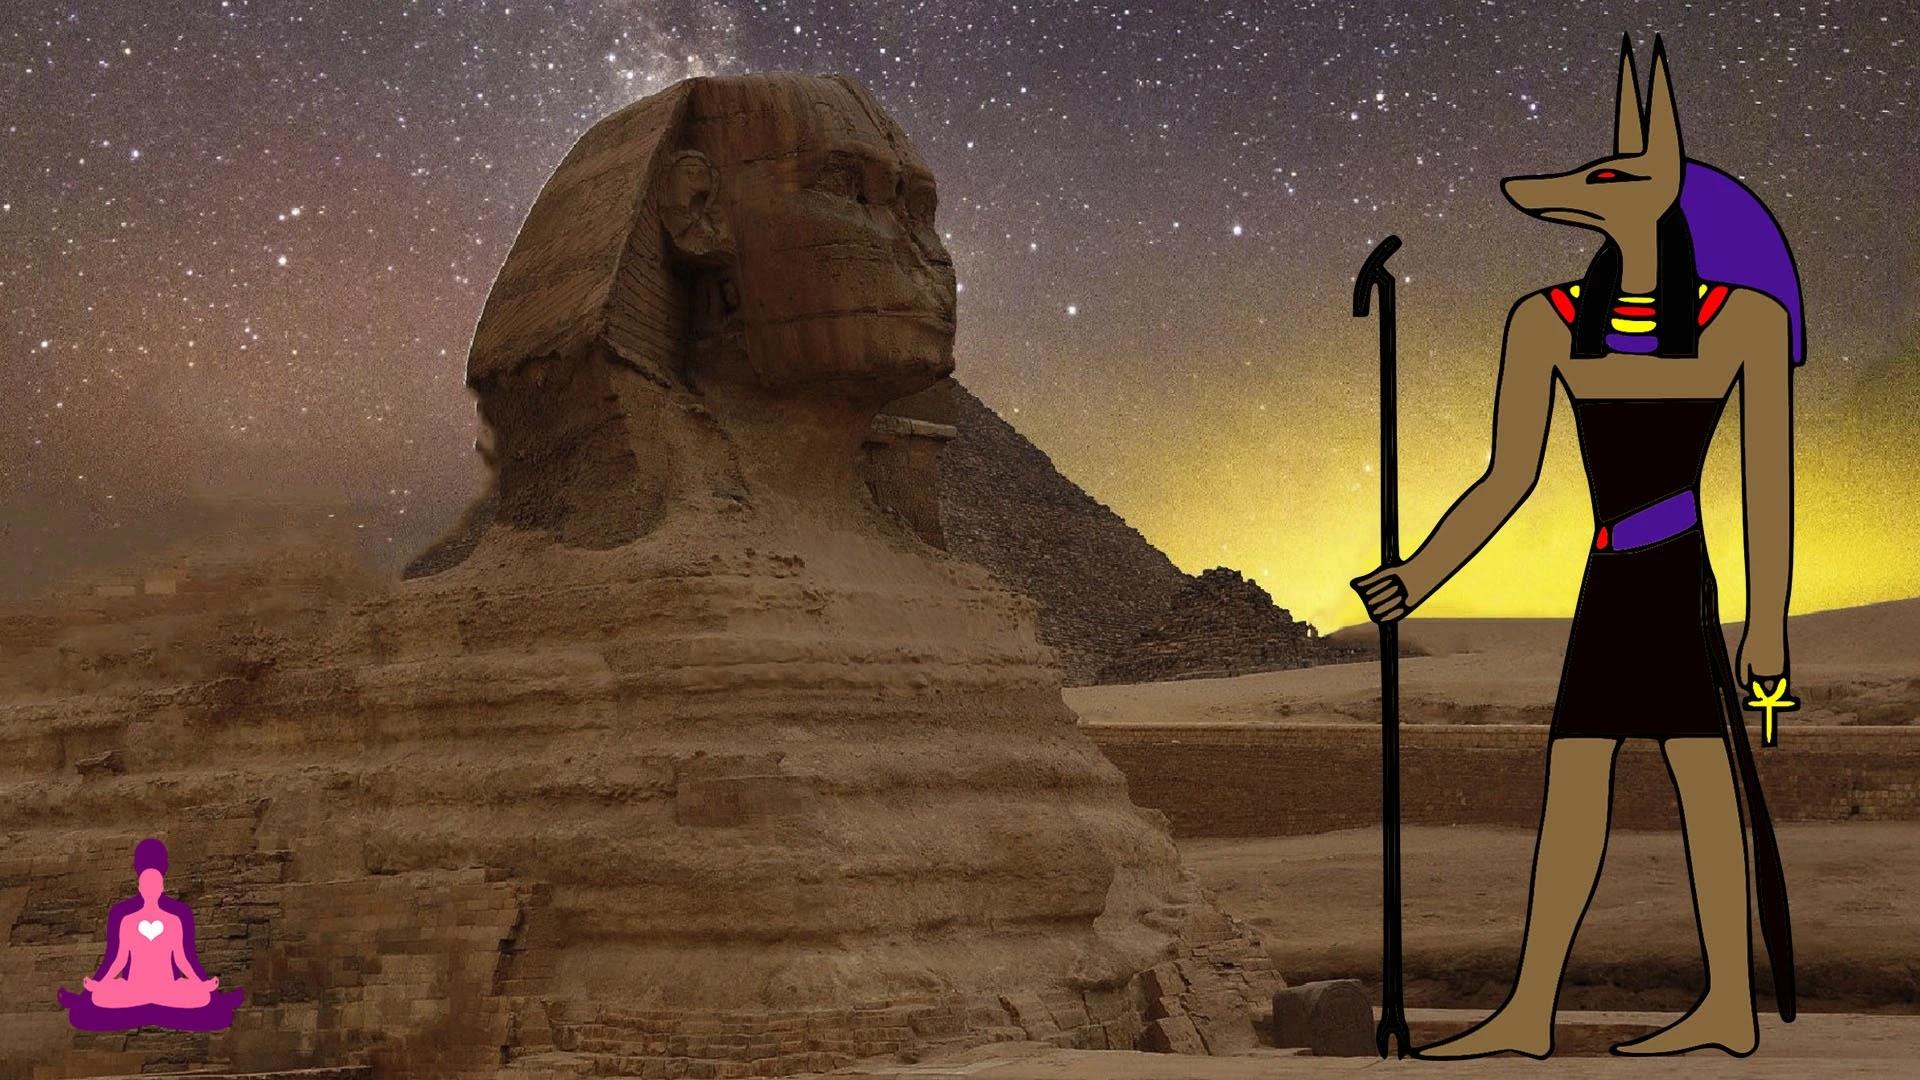 Anubis Dios Egipcio del Inframundo, perro anubis, rey anubis